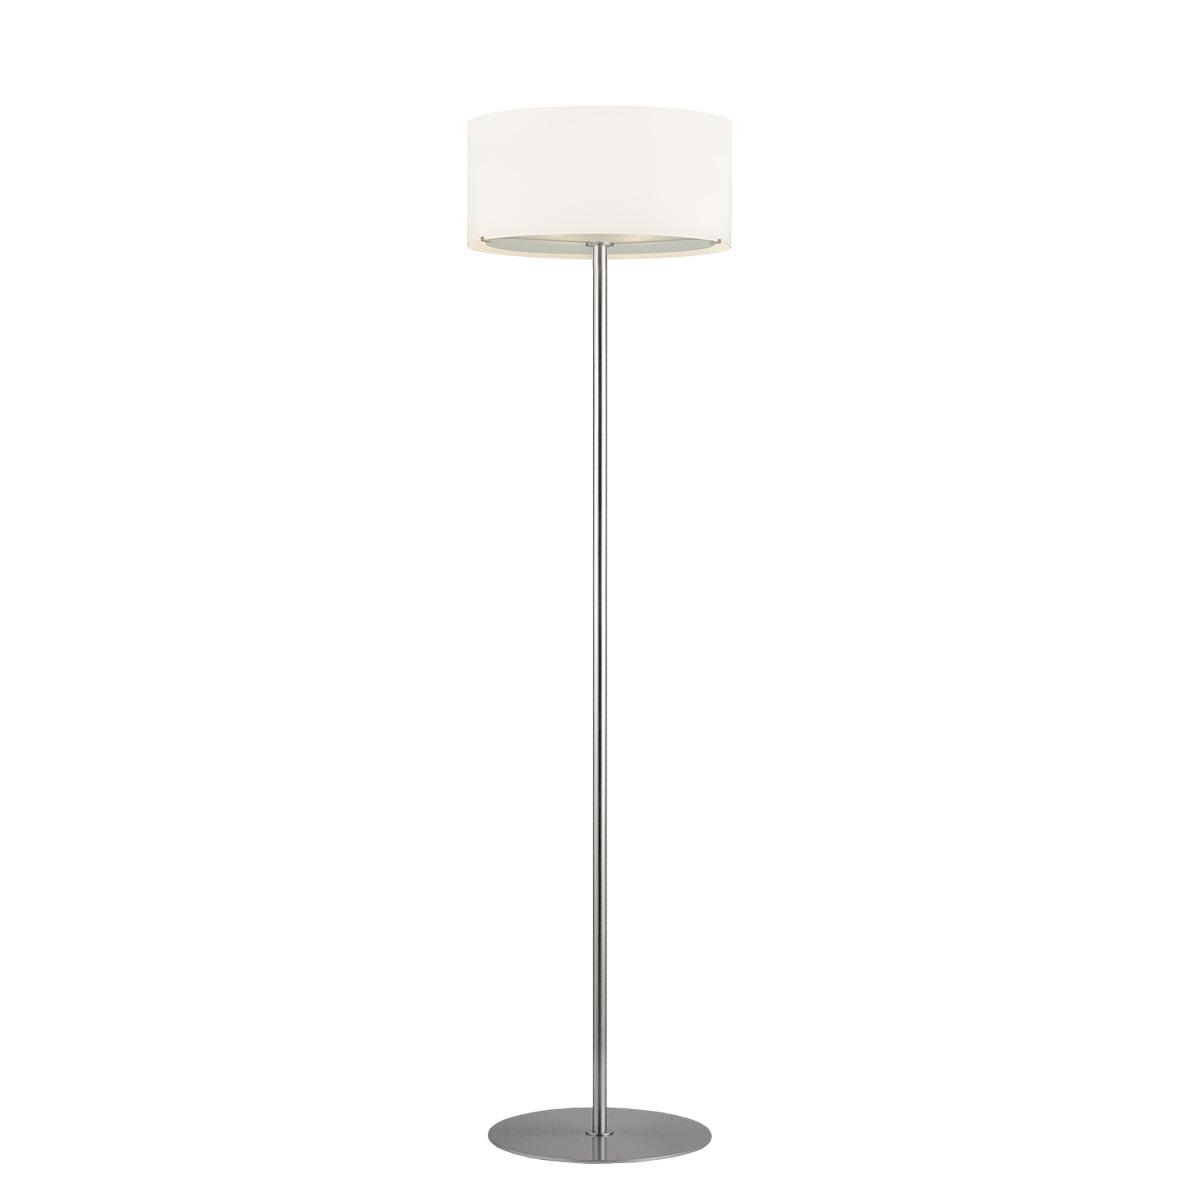 Φωτιστικό δαπέδου Μουράνο ΚΥΛΙΝΔΡΟΙ modern white Murano floor lamp